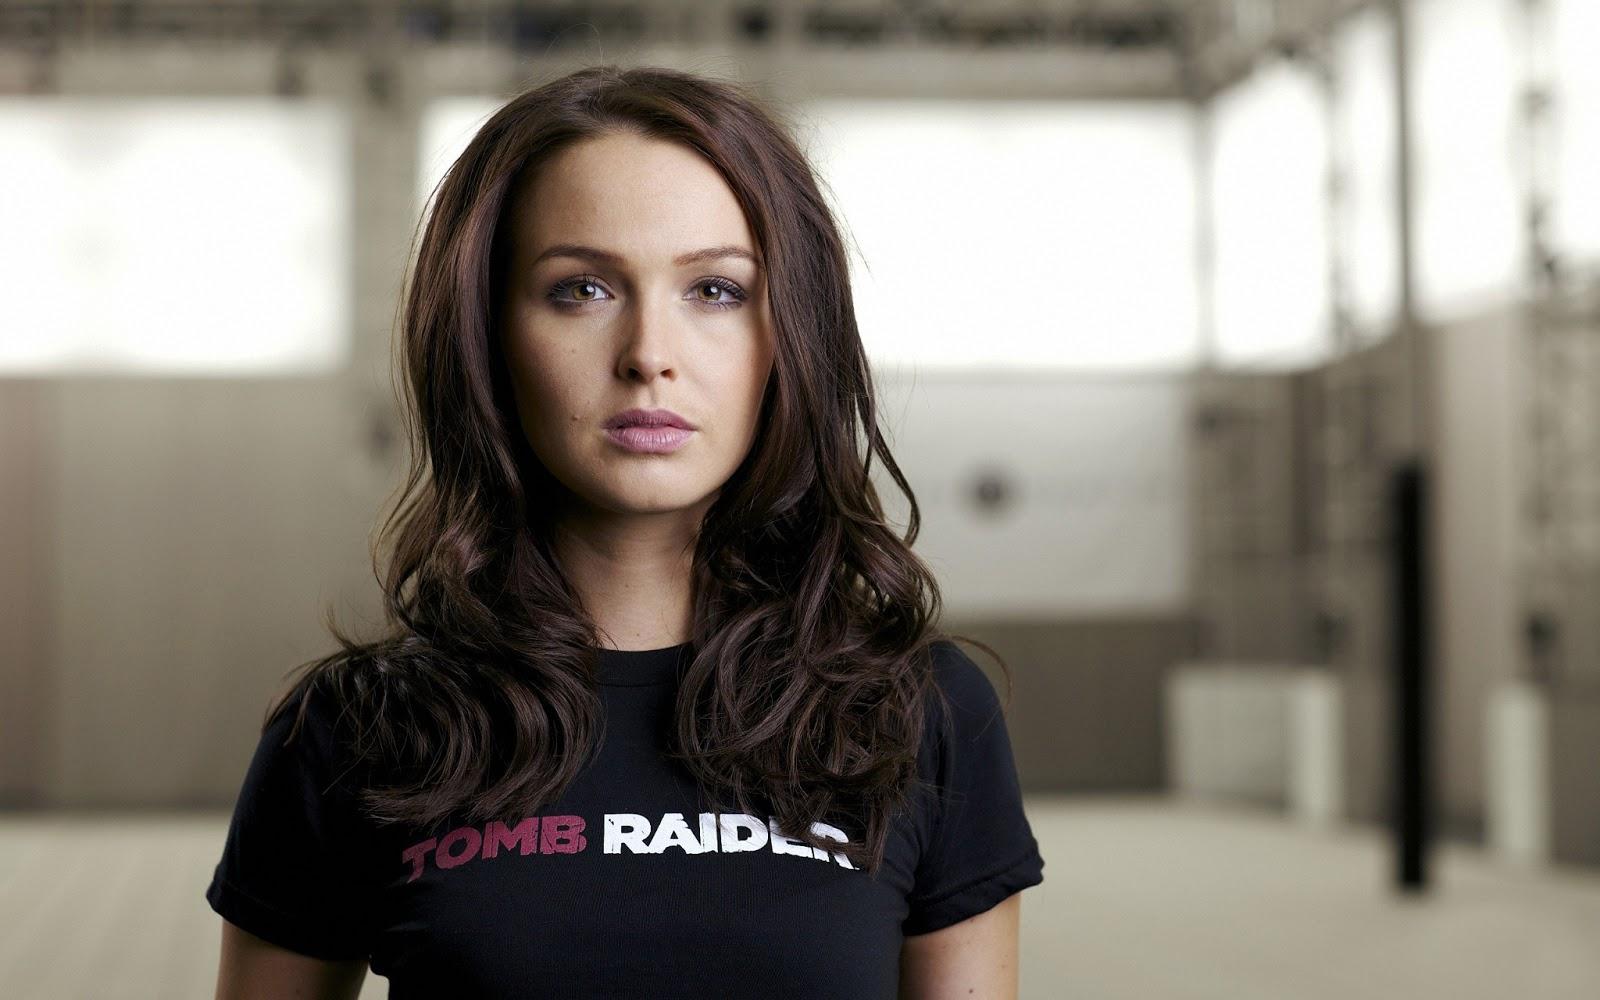 http://1.bp.blogspot.com/-fxM0LP87SeA/UT6atriWkJI/AAAAAAAAIuQ/QARILrbI1Es/s1600/Tomb_Raider_Reboot_Lara_Croft_Real_Girl_2013_HD_wallpaper.jpg